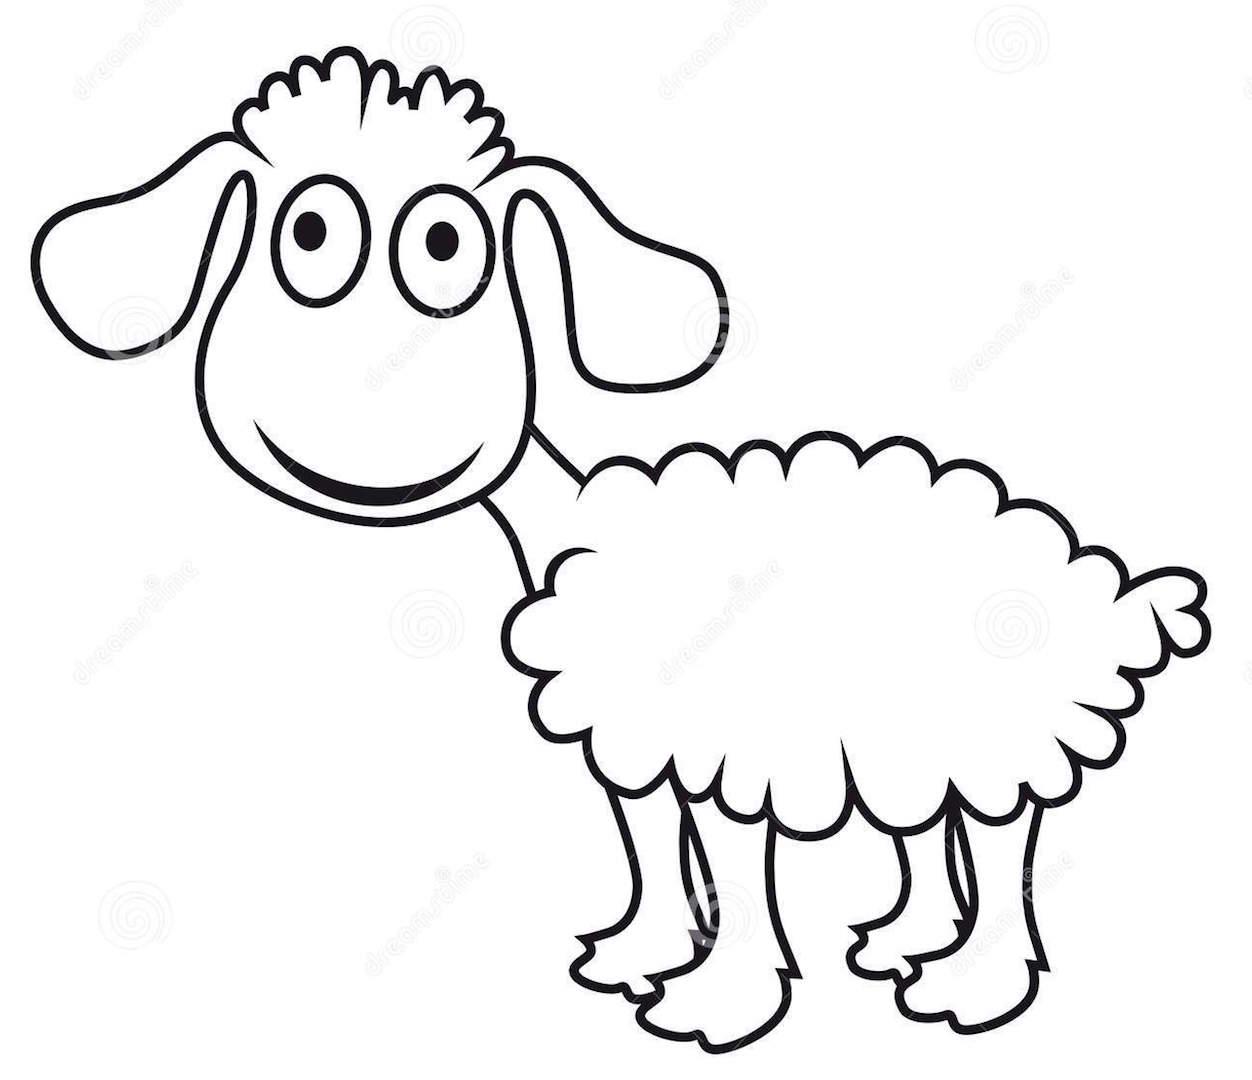 Dessine moi un mouton le mag de champagne - Dessin agneau ...